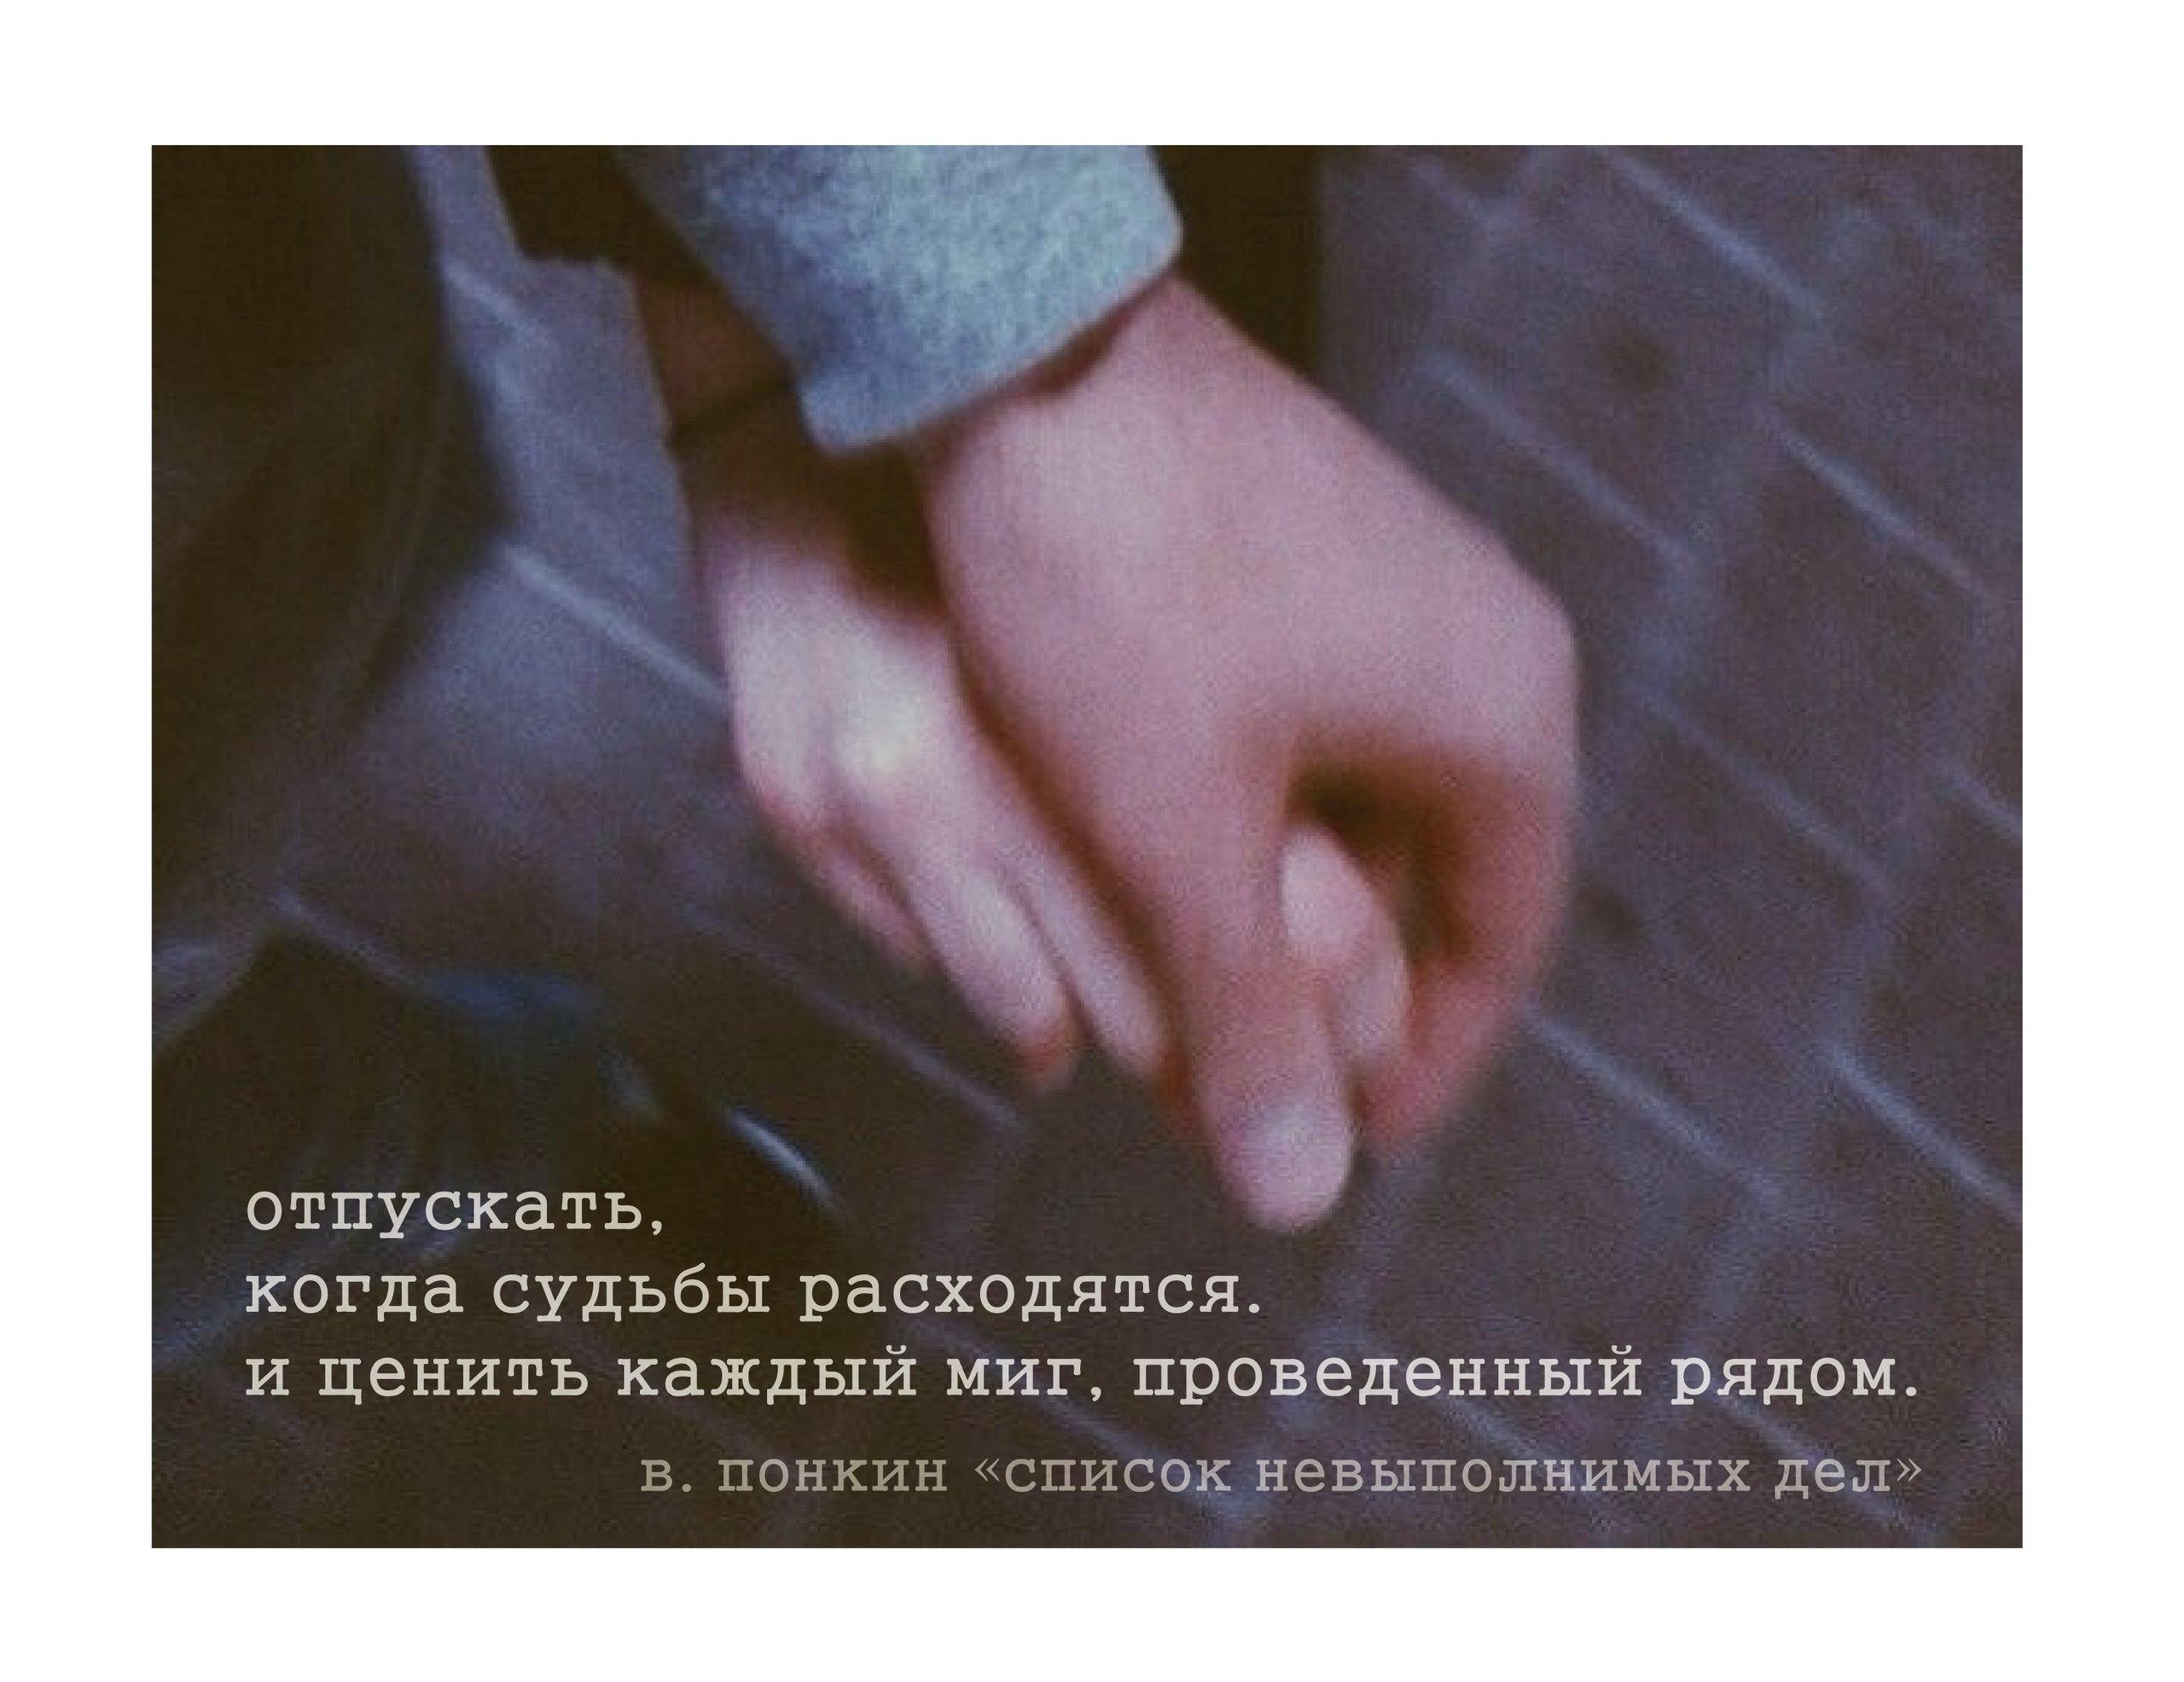 Я беру твой член в руку